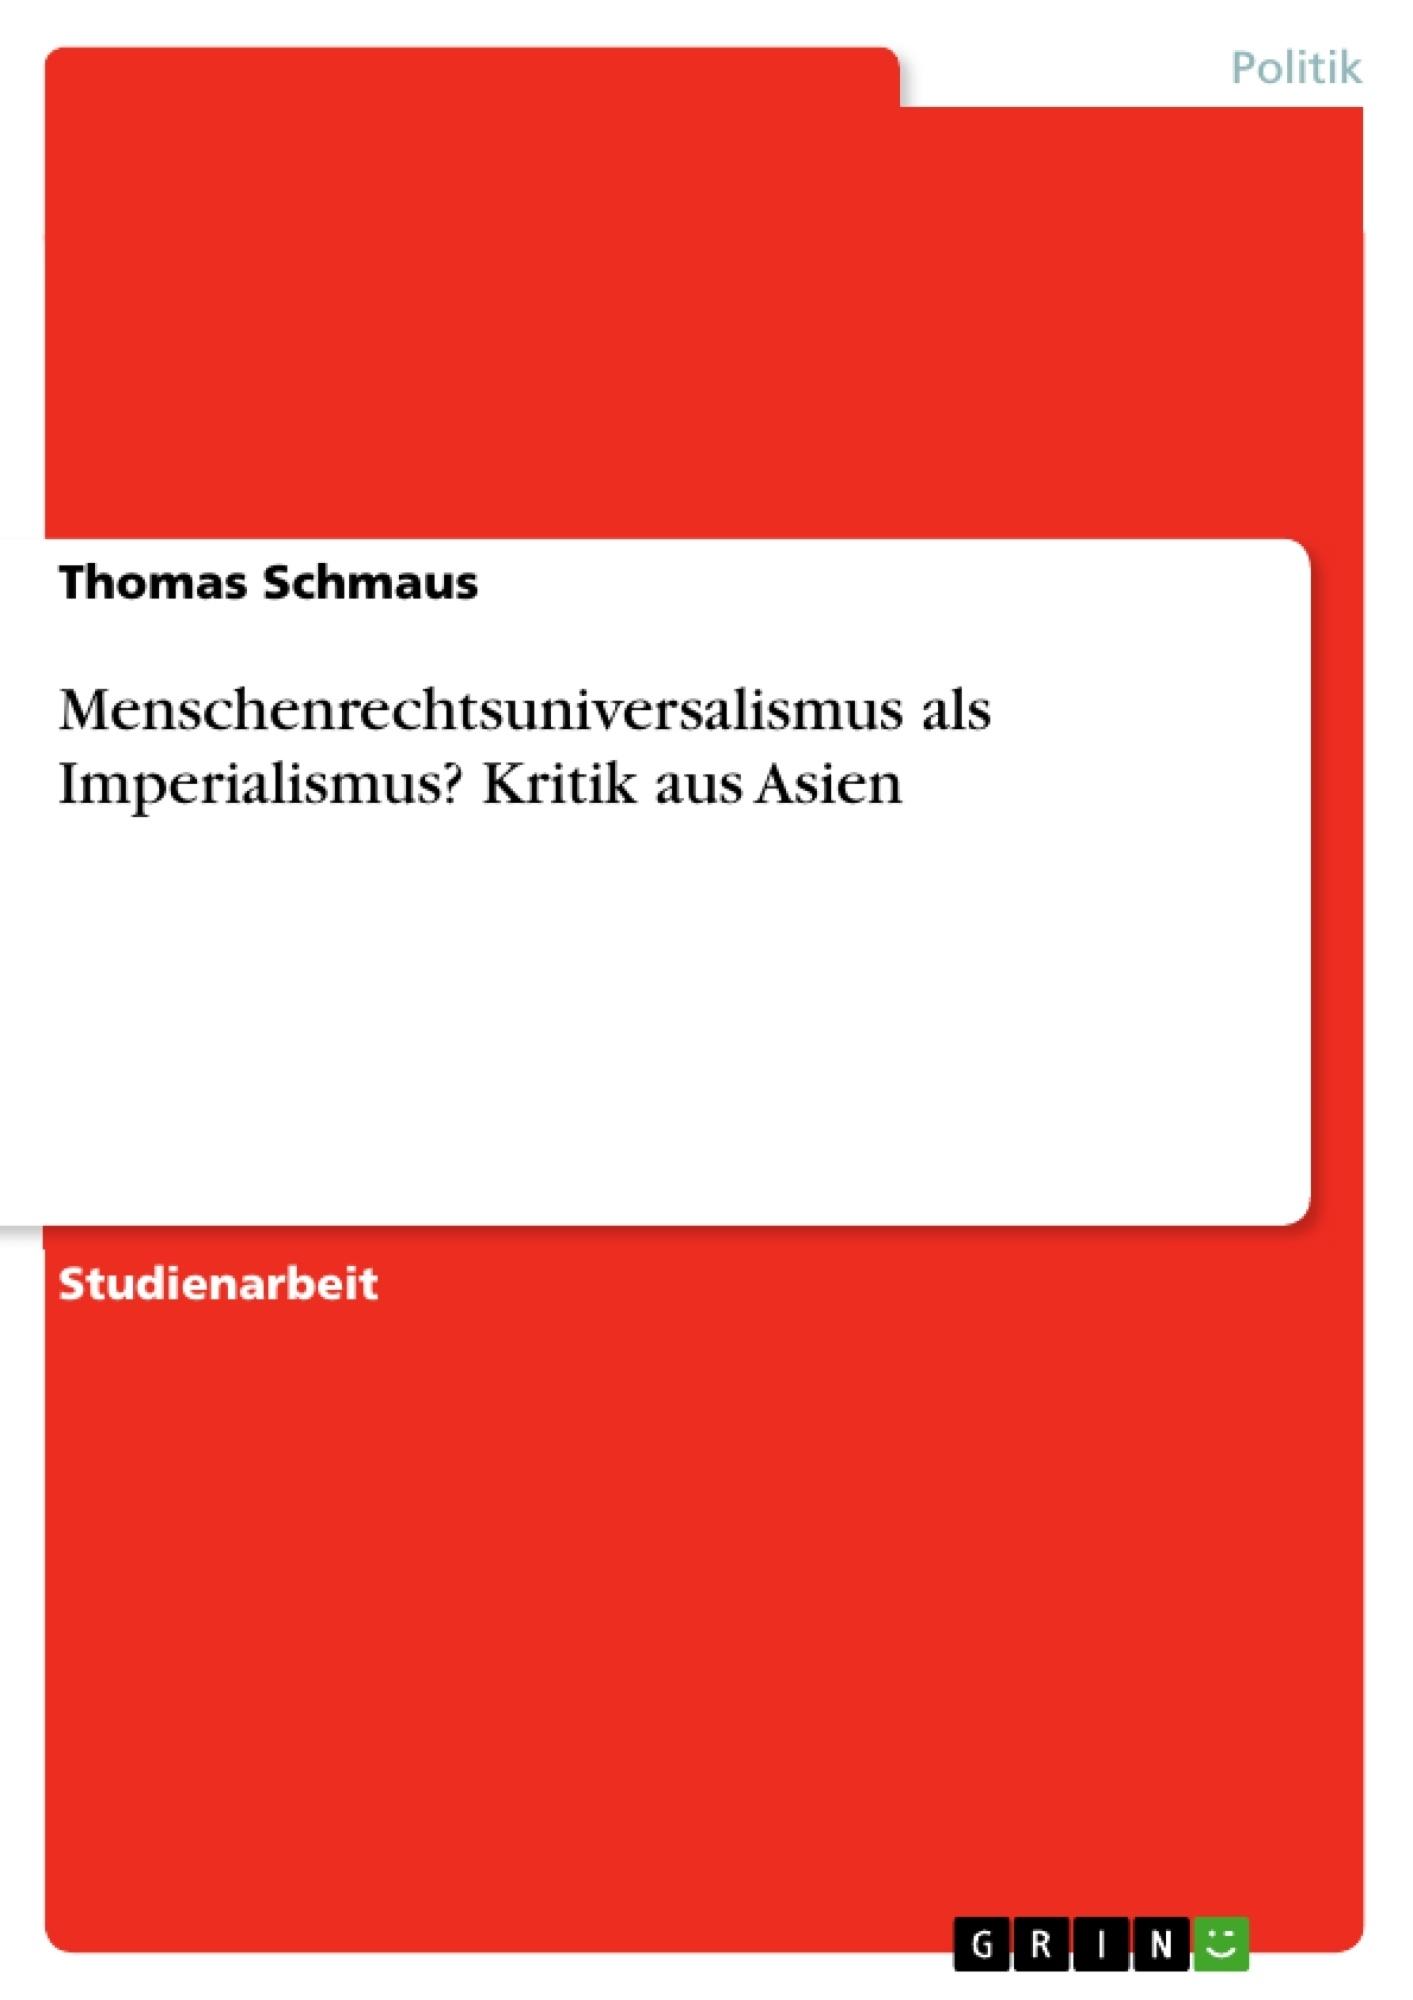 Titel: Menschenrechtsuniversalismus als Imperialismus? Kritik aus Asien